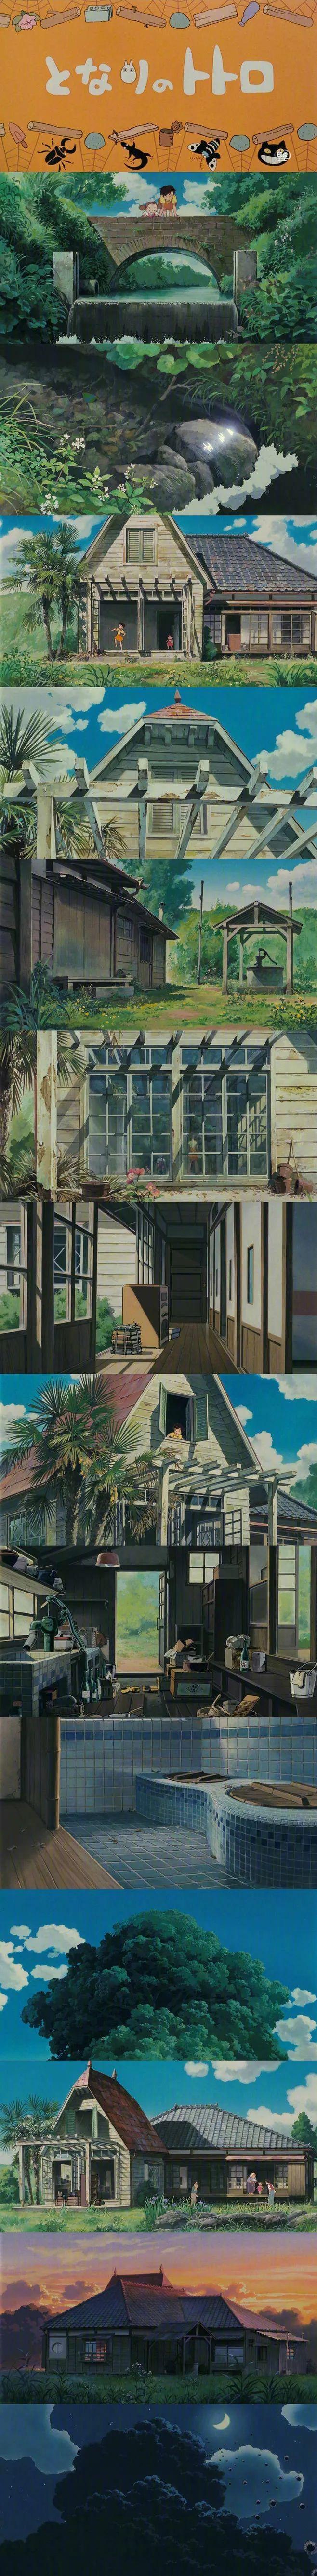 宫崎骏的动画世界 壁纸特辑,人间真有这些地方就好了!_图片 No.1